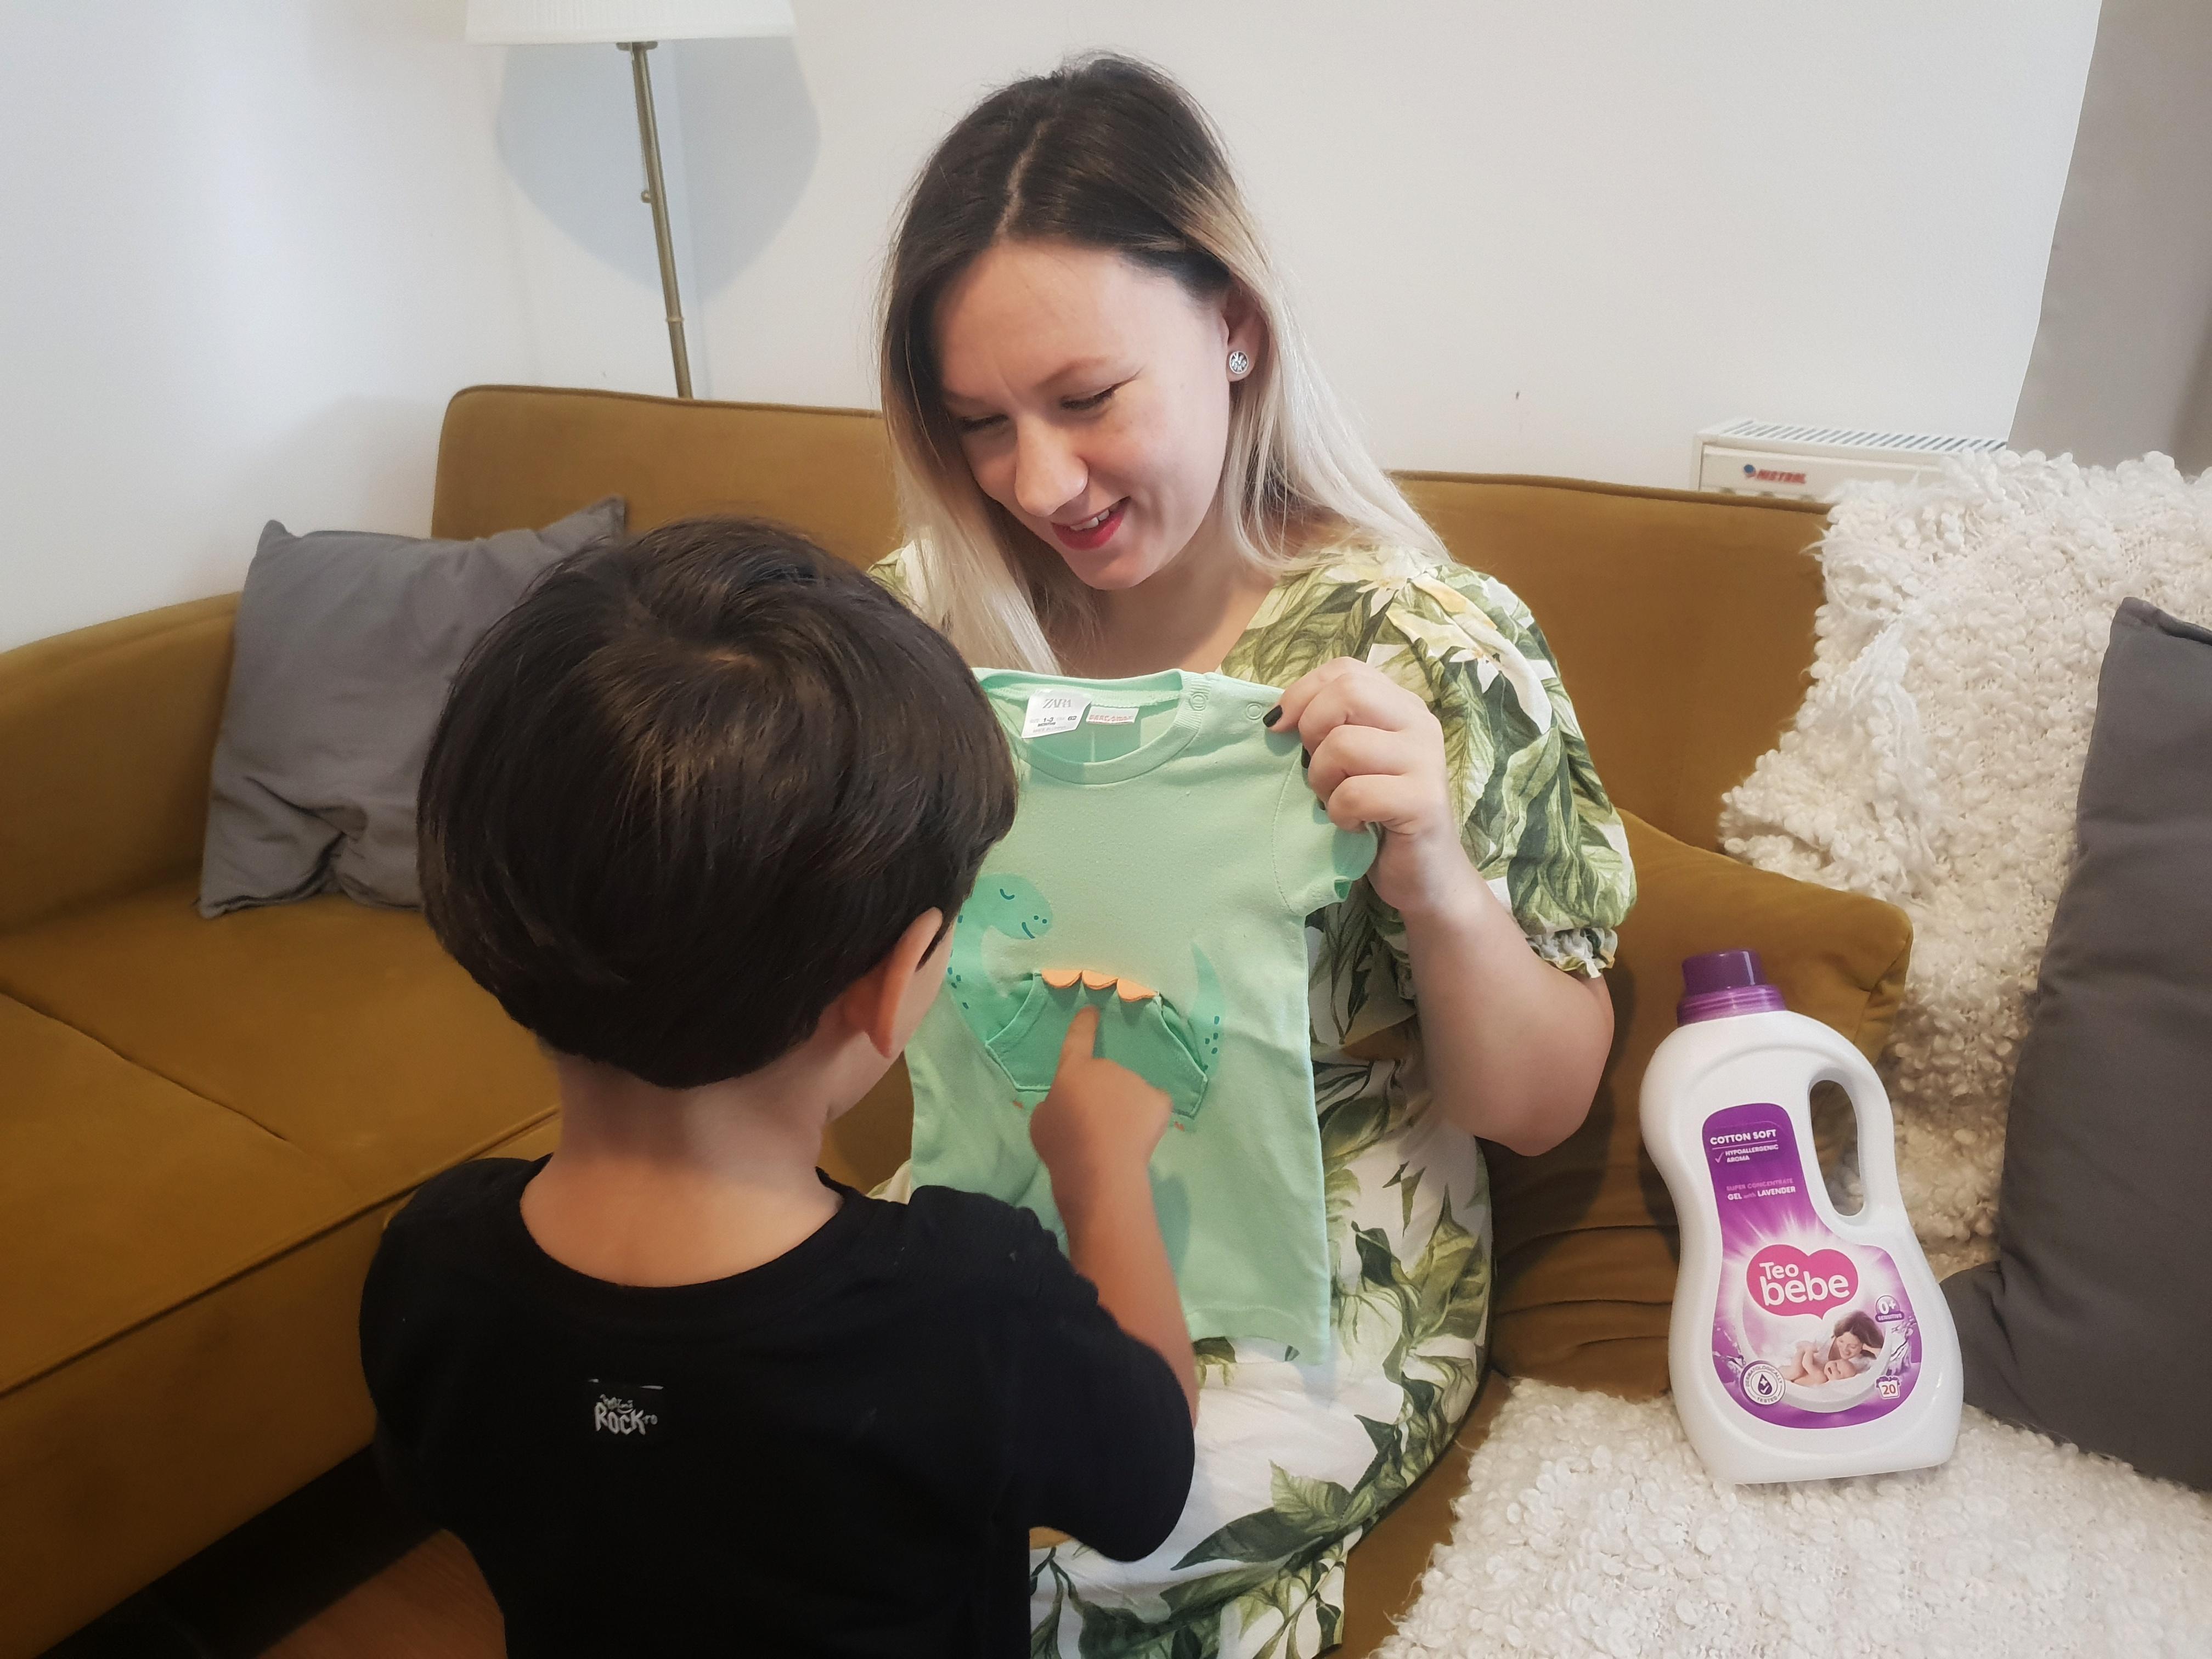 Cel mai scump parfum e cel de bebeluş. Cum voi avea grijă de pielea bebeluşului nostru de va veni (P)